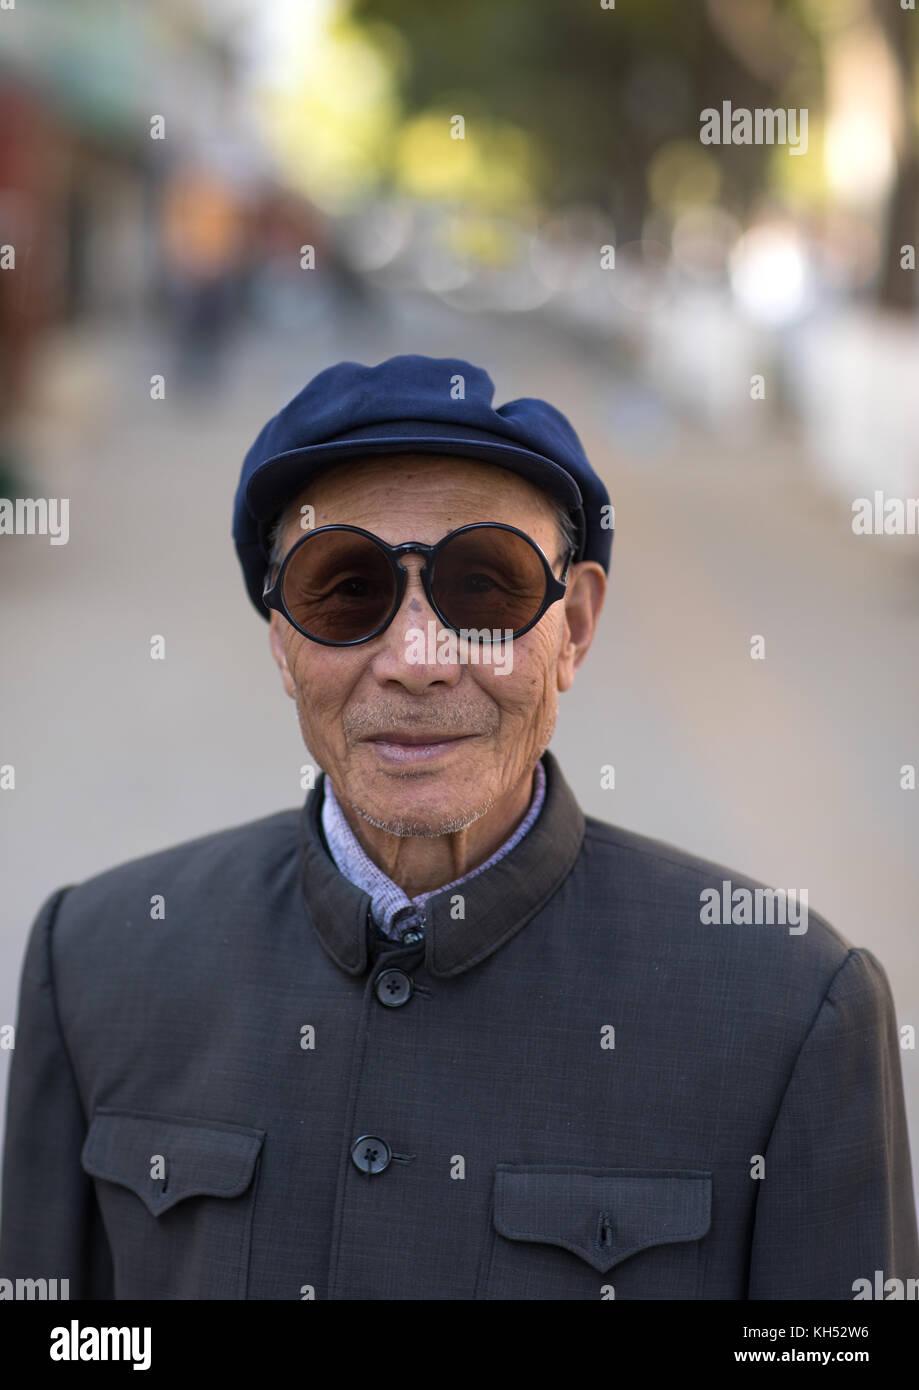 De Viejo Sol Tradicionales Con Gafas La Hombre TapaProvincia Y ybgf7Y6